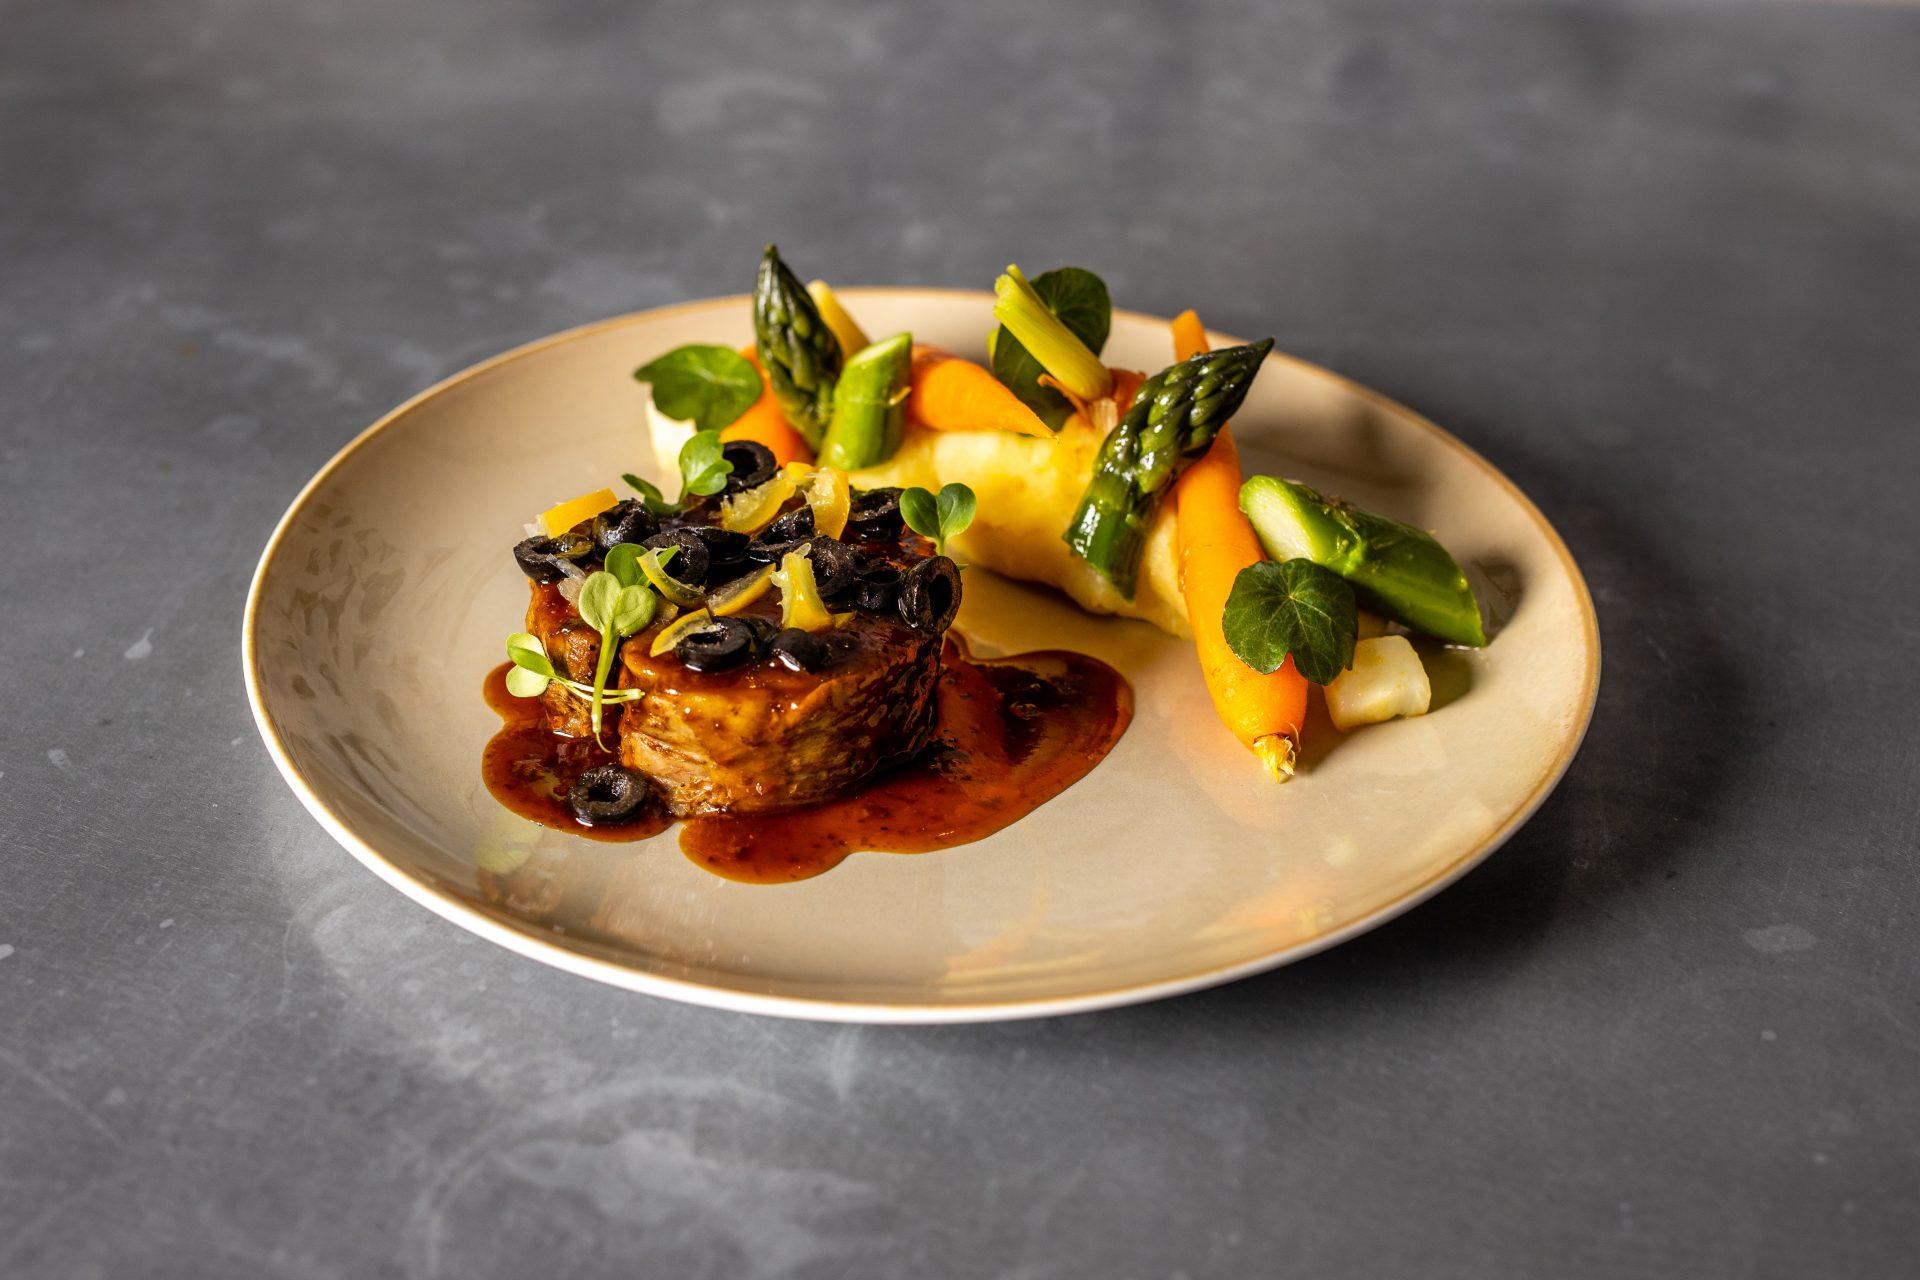 Photo culinaire d'une assiette de viande avec des légumes